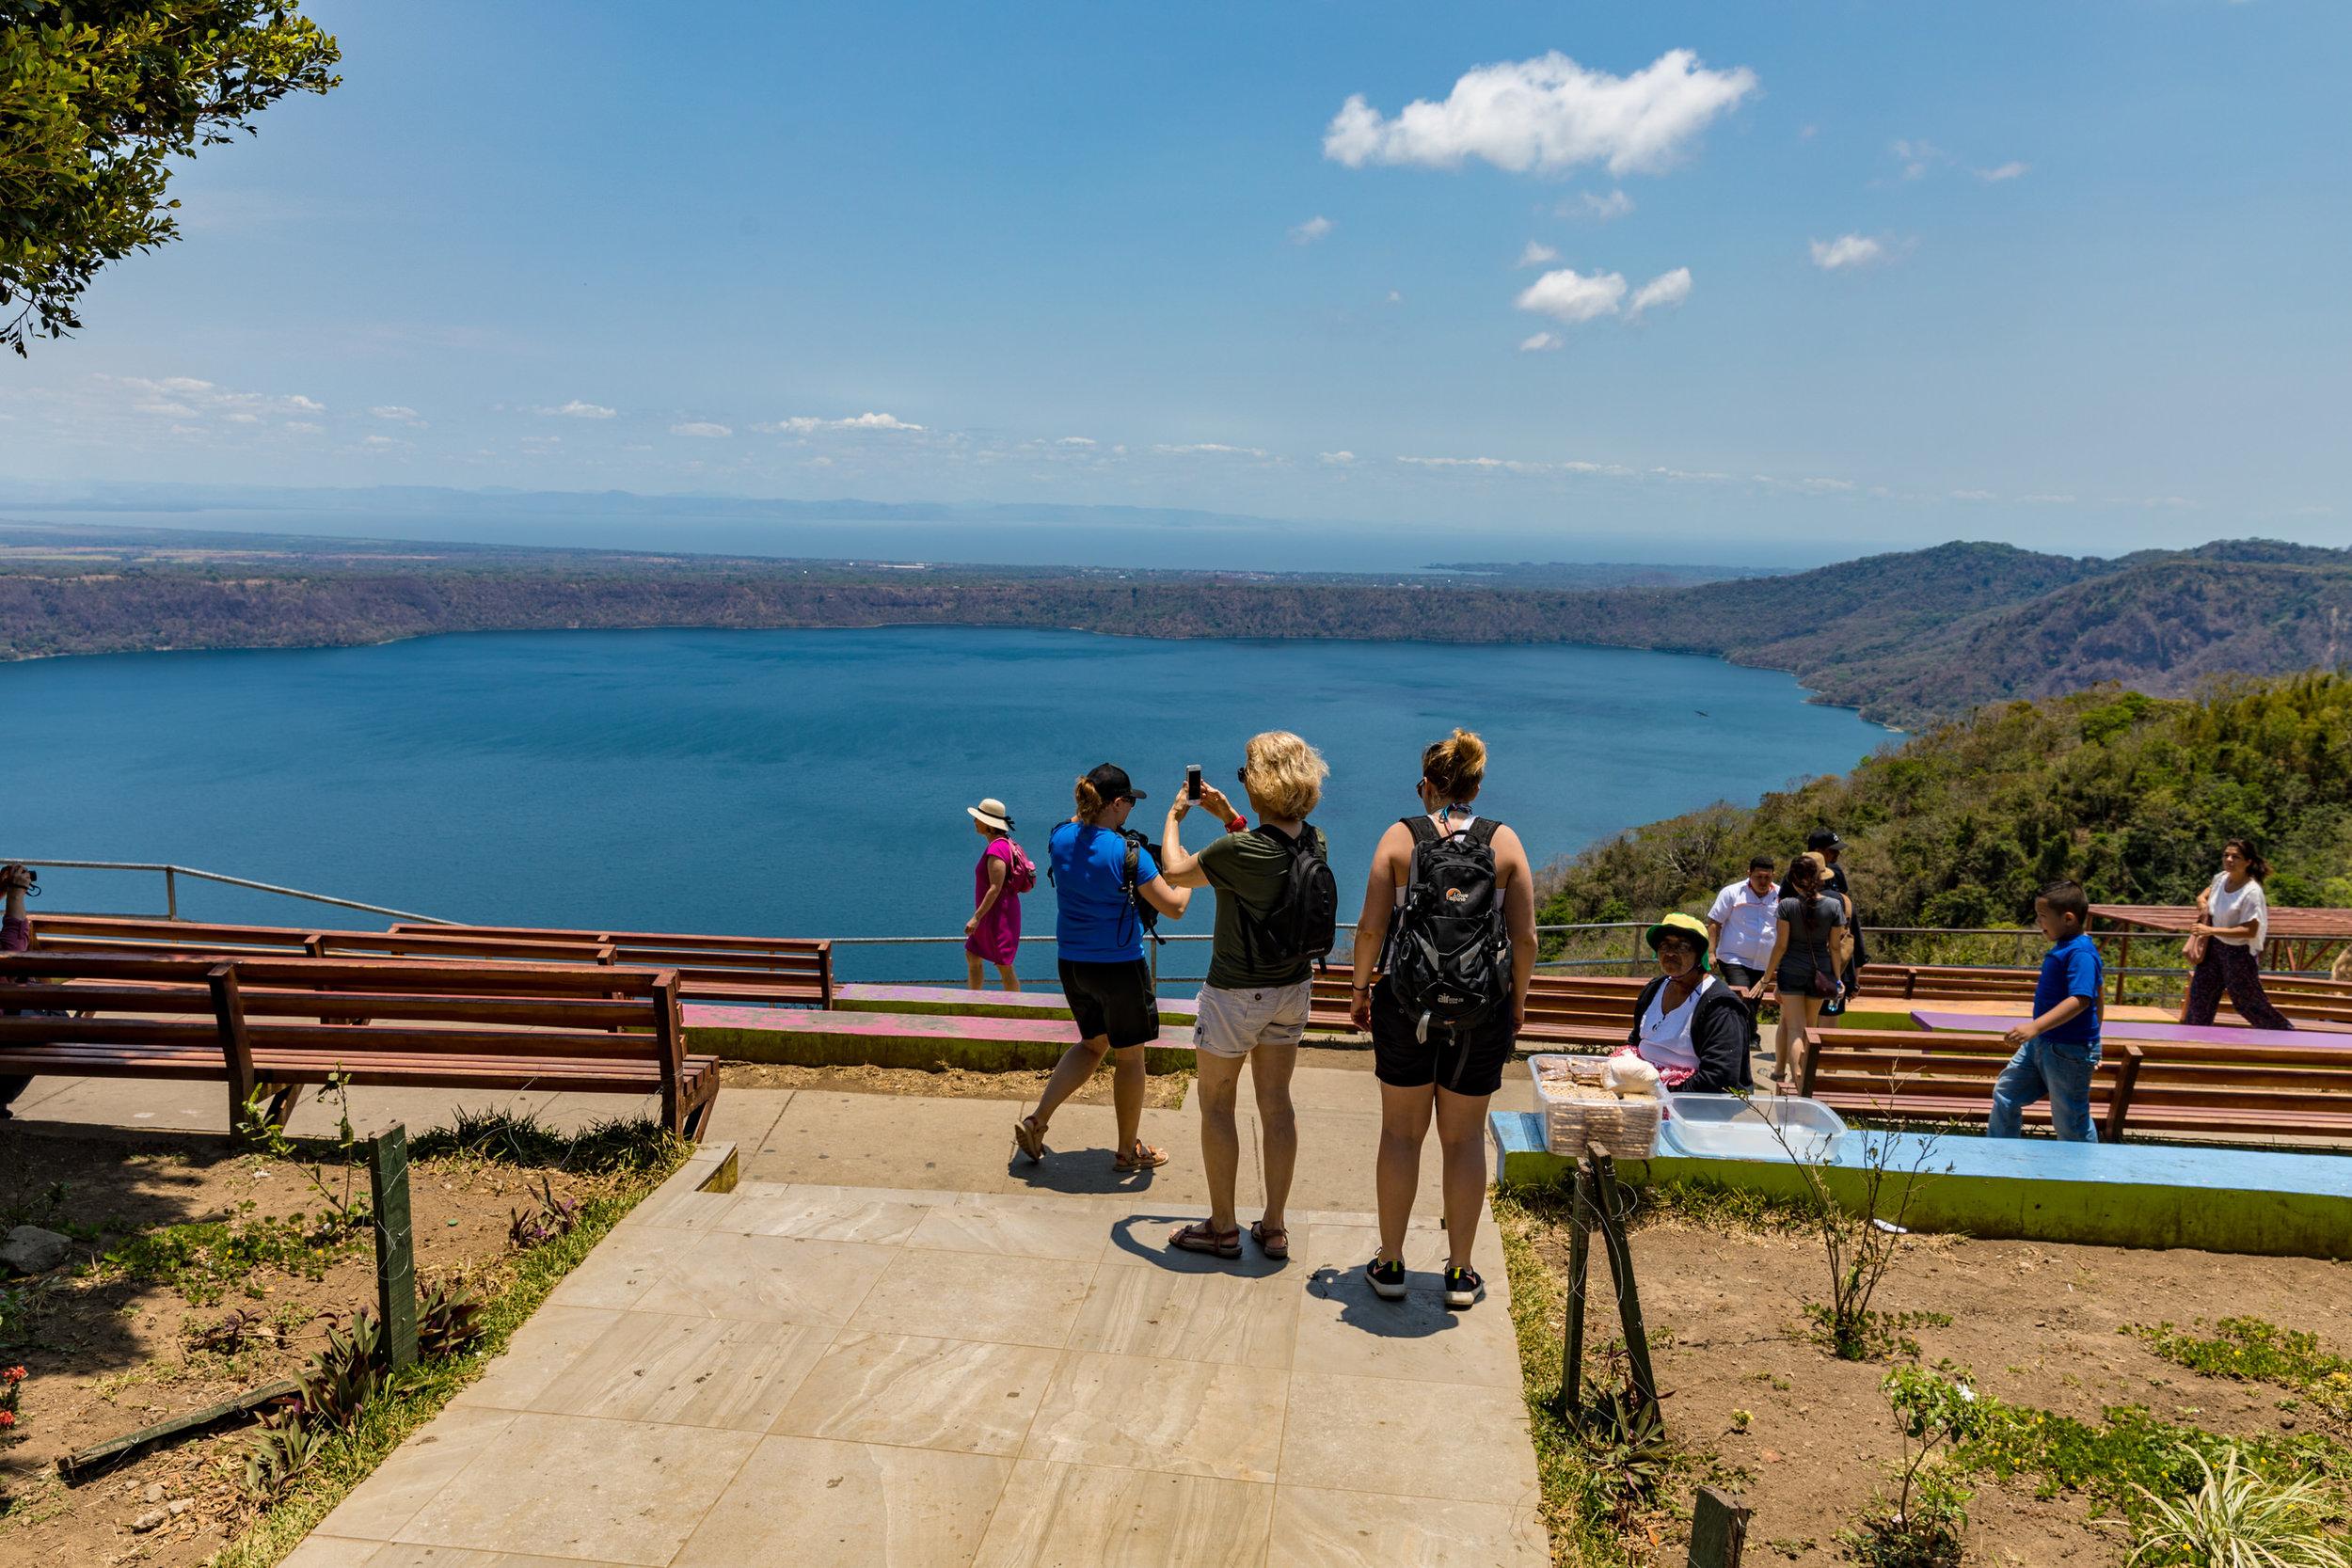 Day 3: Laguna de Apoyo